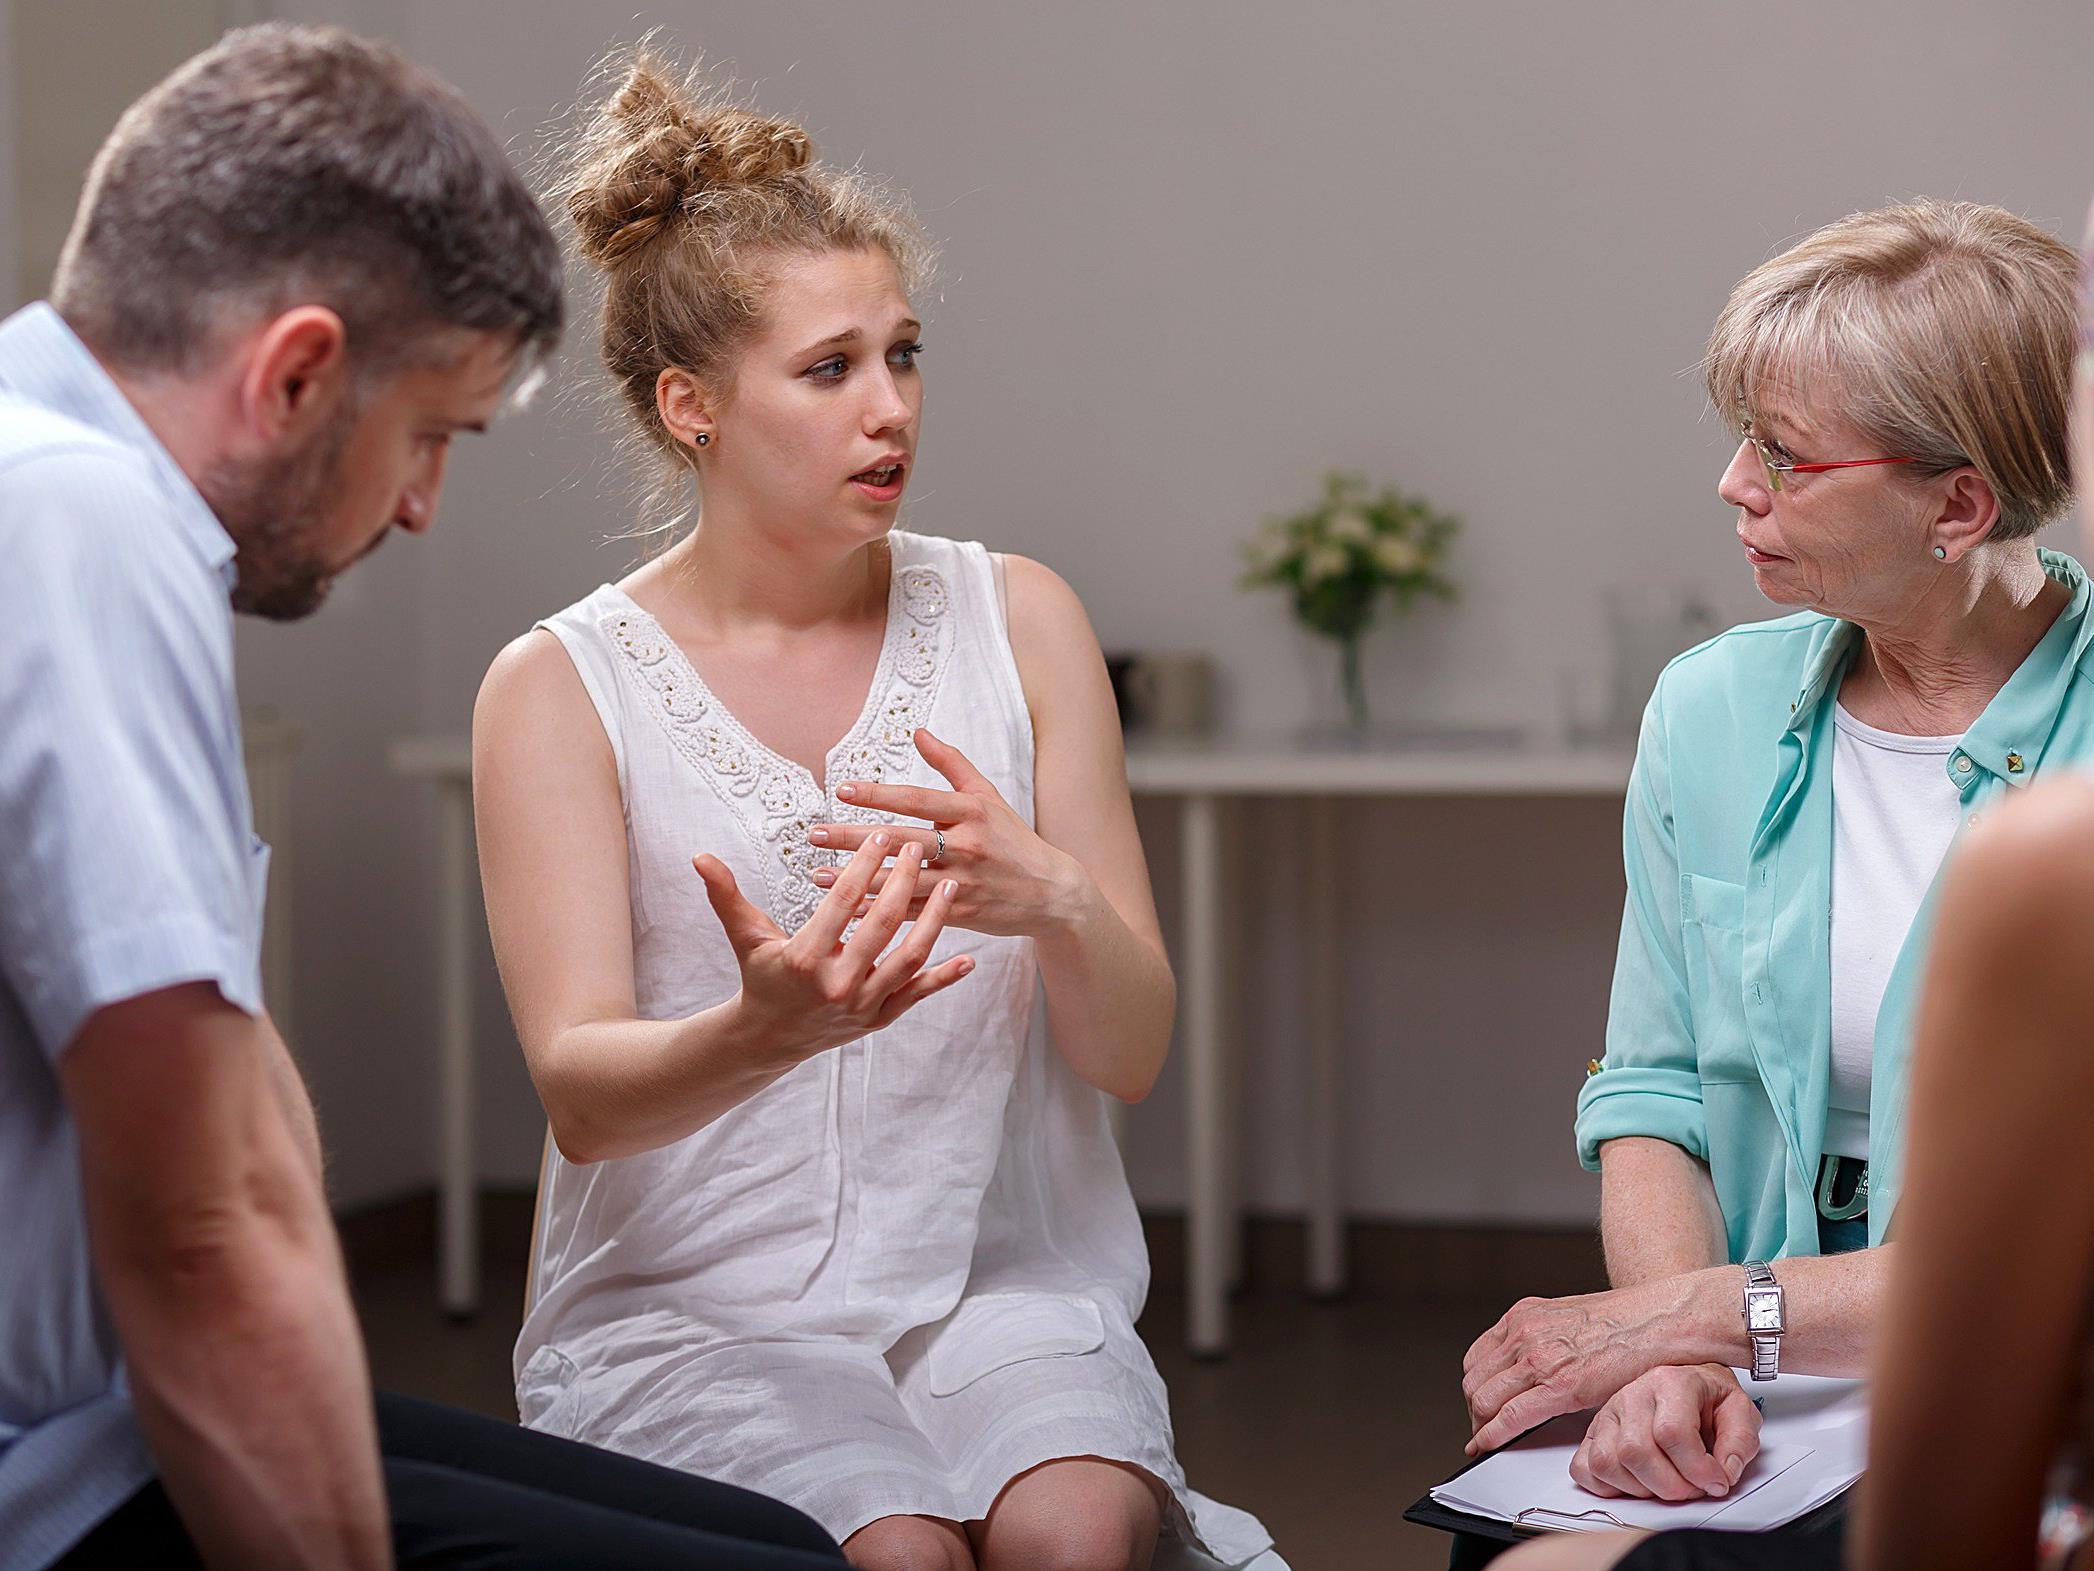 Vorträge, Workshops und eine Selbsthilfe-Messe zeigen das Angebot unterschiedlichster Selbsthilfegruppen.